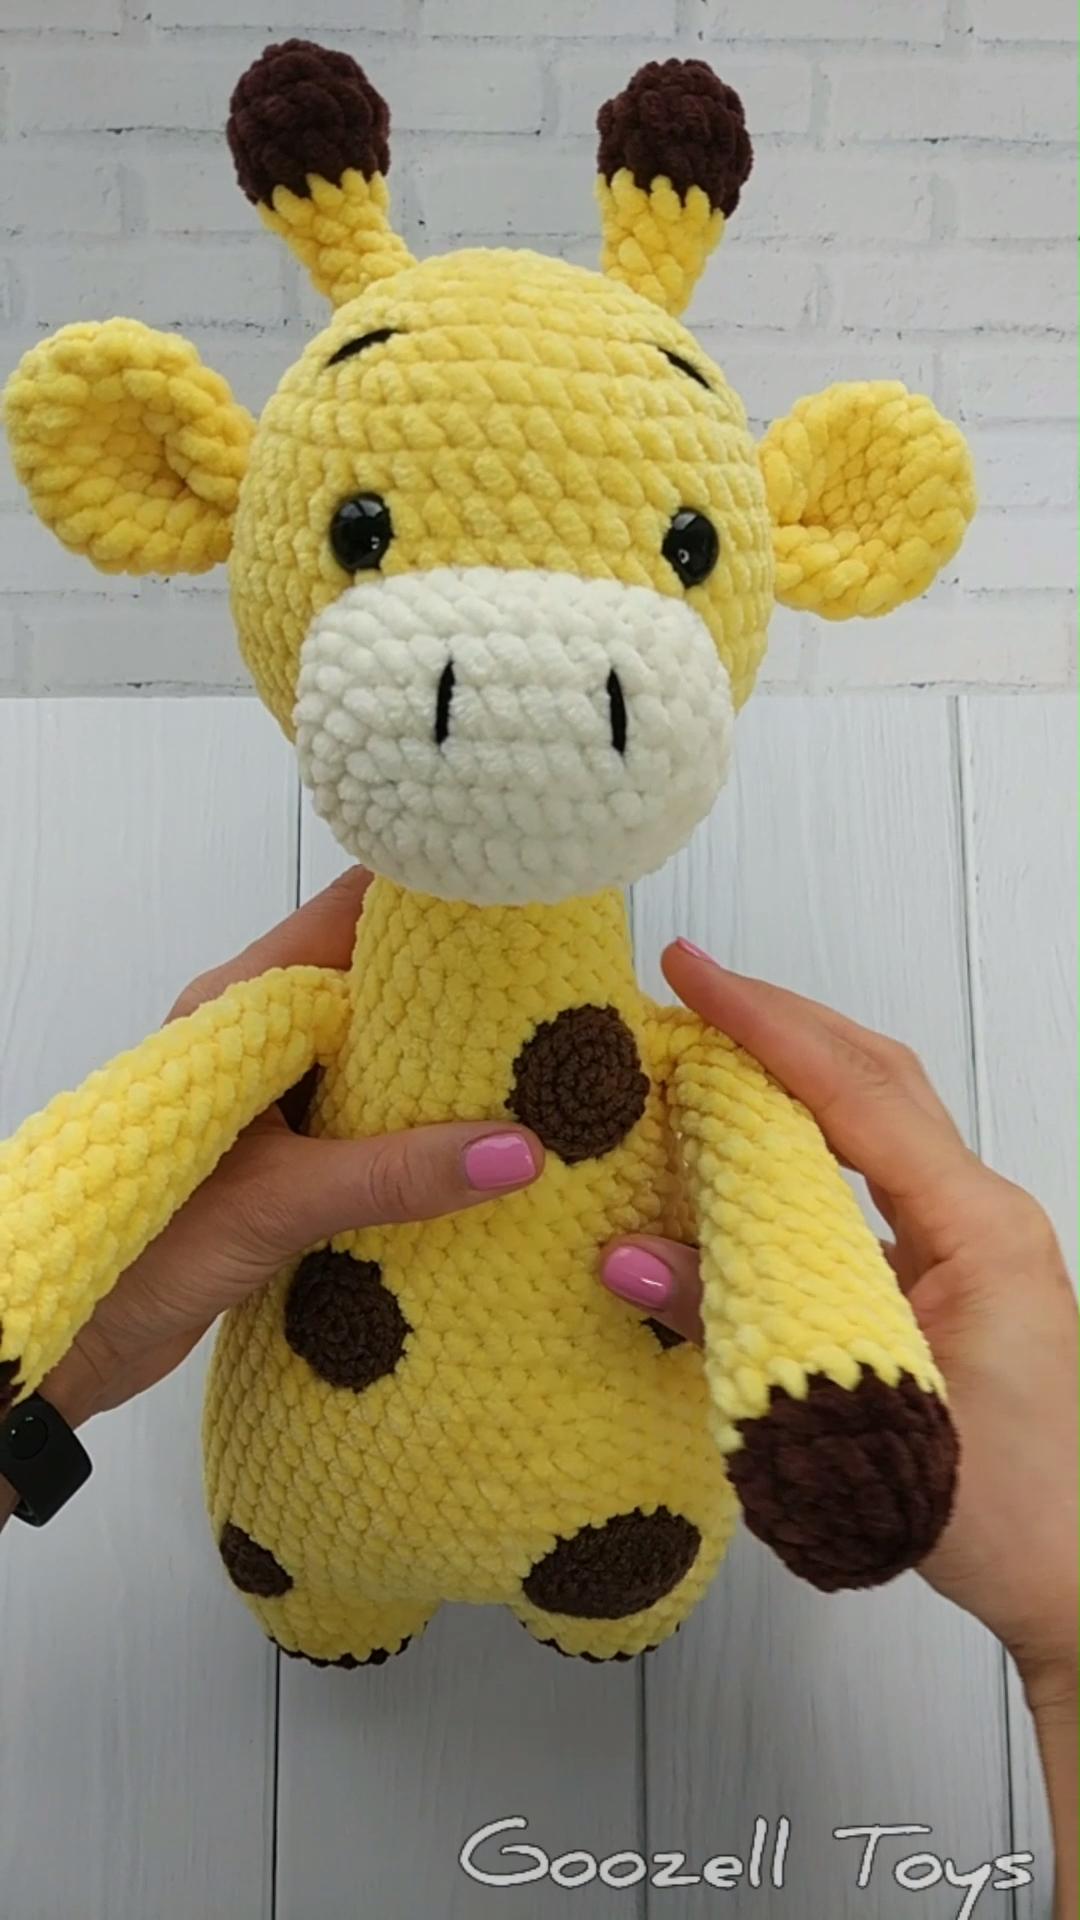 AMIGURUMI Giraffe pattern, Crochet giraffe toy PDF pattern, Knit Stuffed Toys, Plush Giraffe pattern